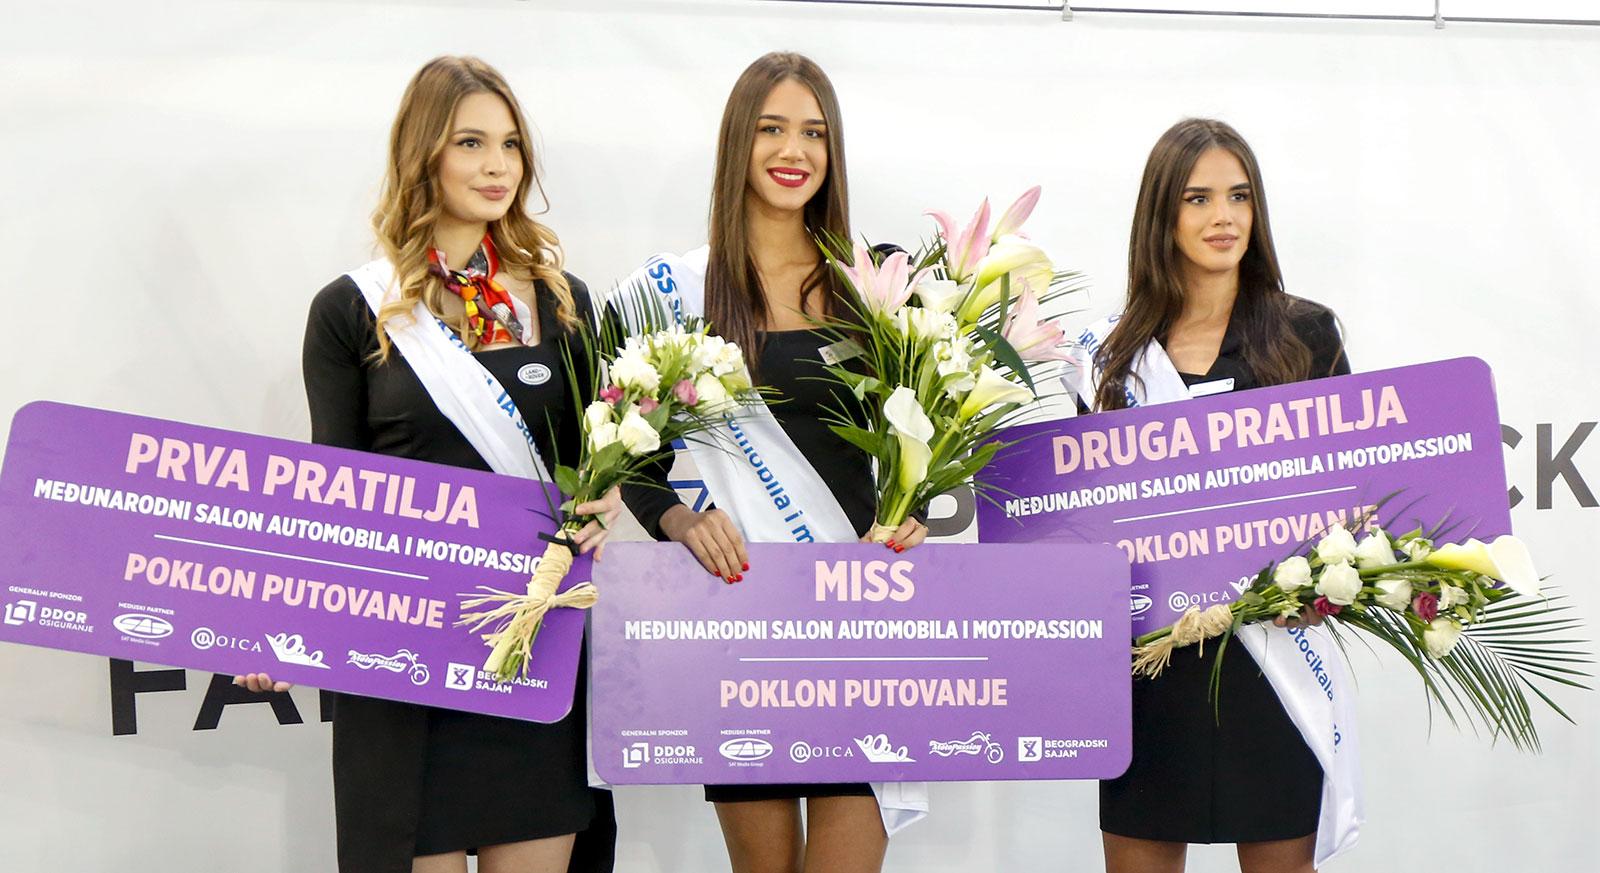 Miss Nevena Golubović (Peugeot), prva pratilja Isidora Milosavljević (British Motors) i druga pratilja Bisenija Kazaković (BMW)